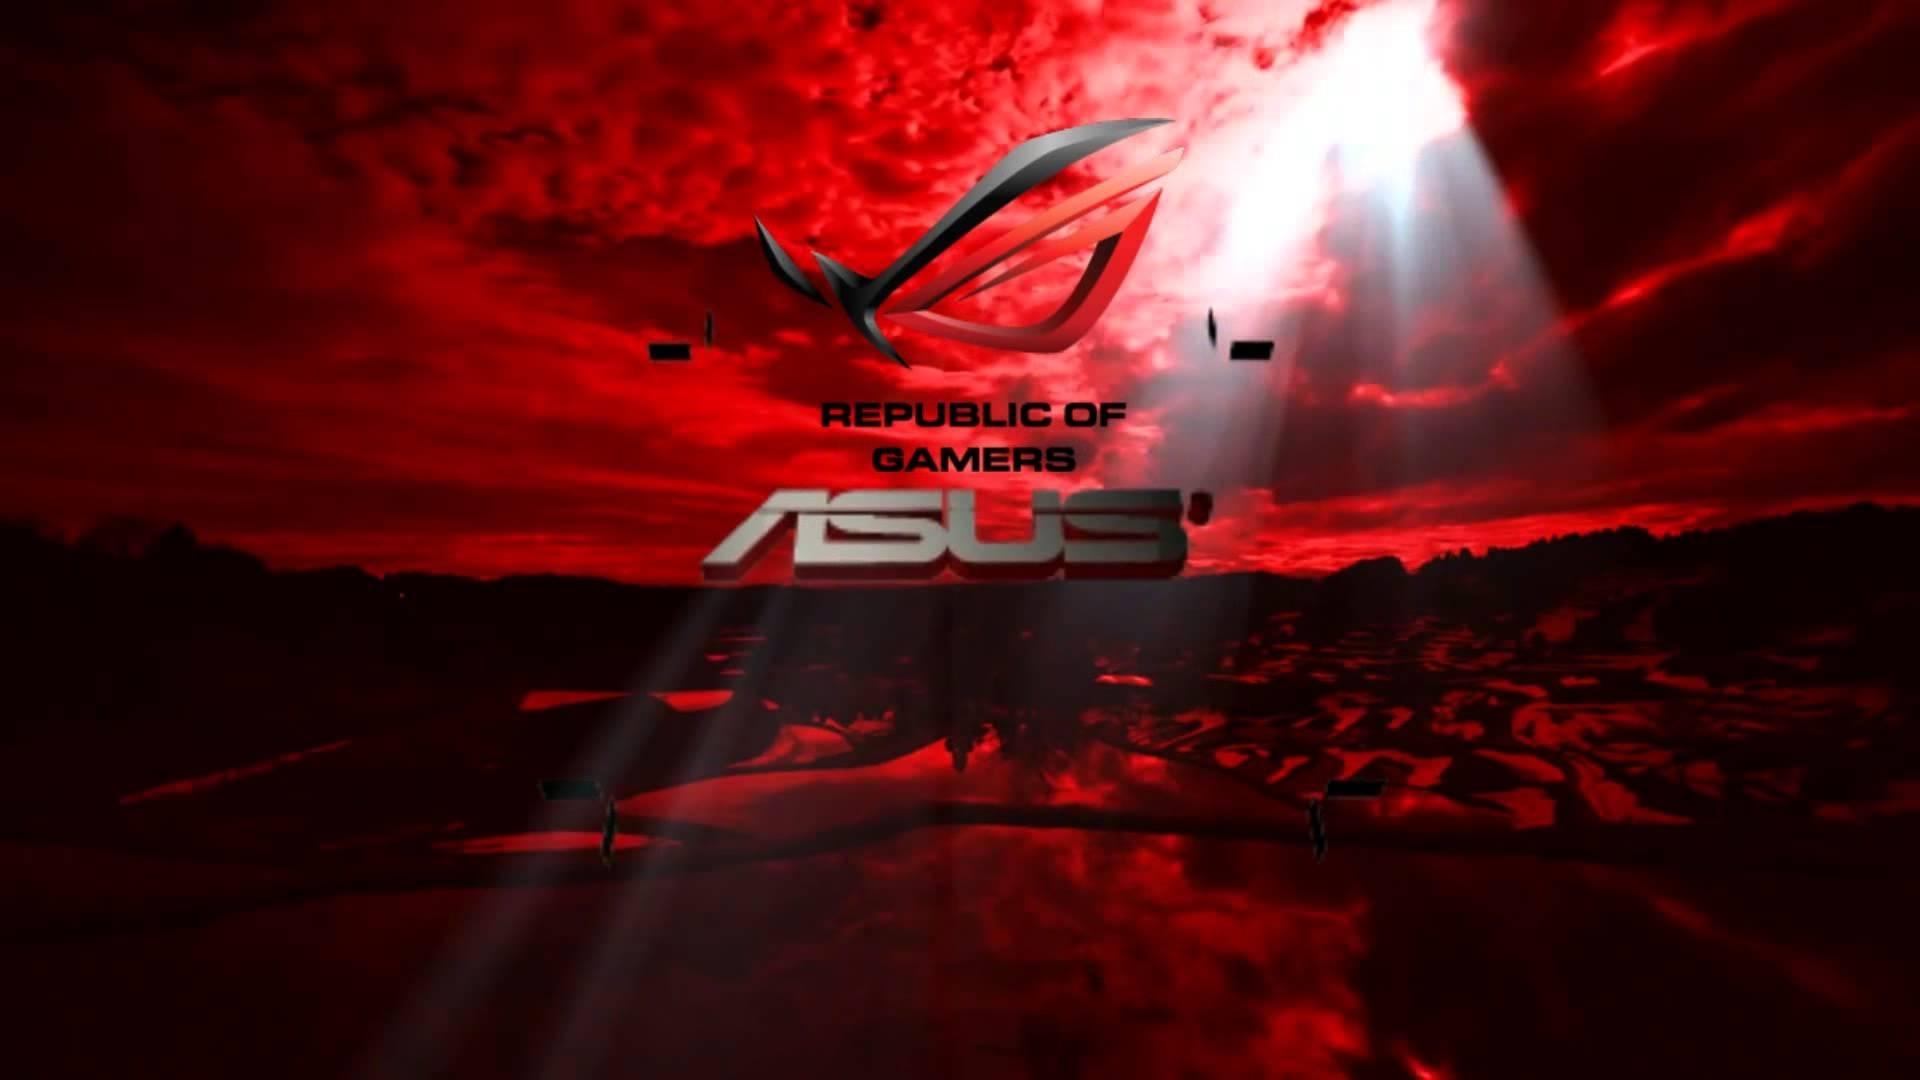 asus republic of gamers sky dreamscene - youtube